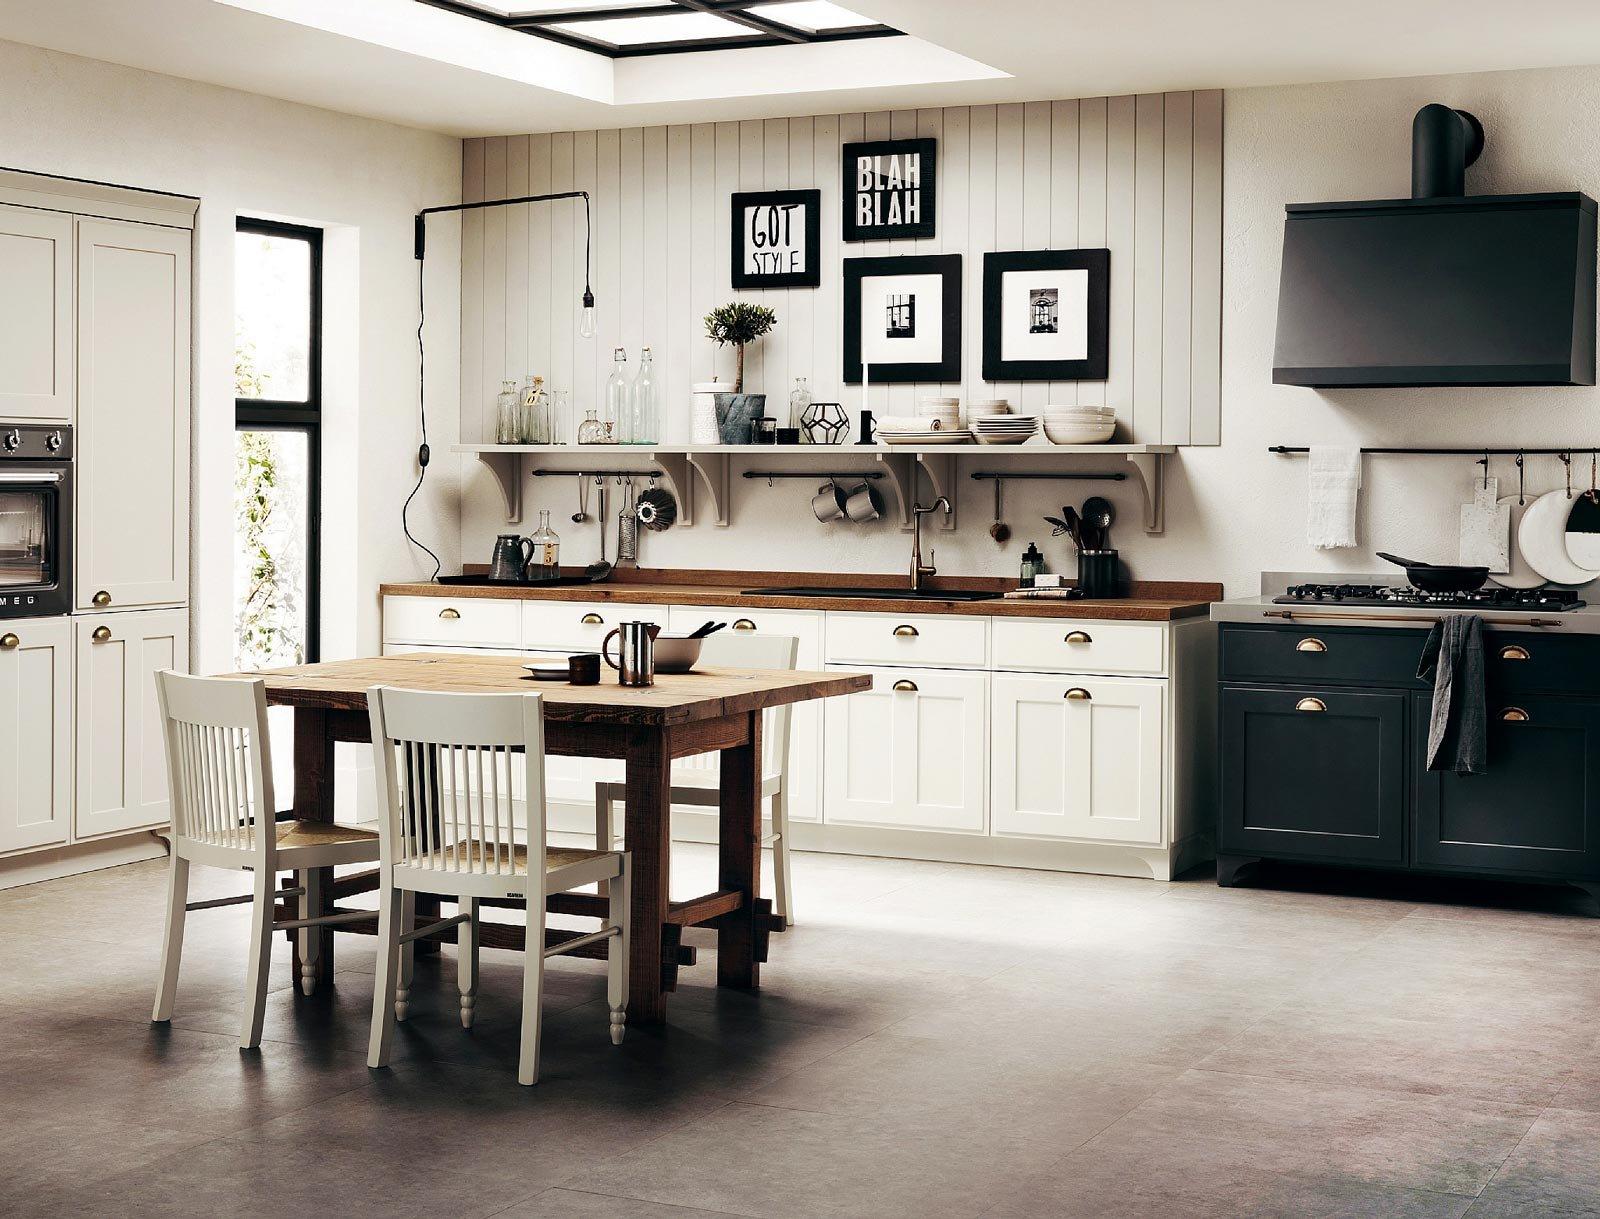 Cucine rétro: una tradizione senza tempo - Cose di Casa